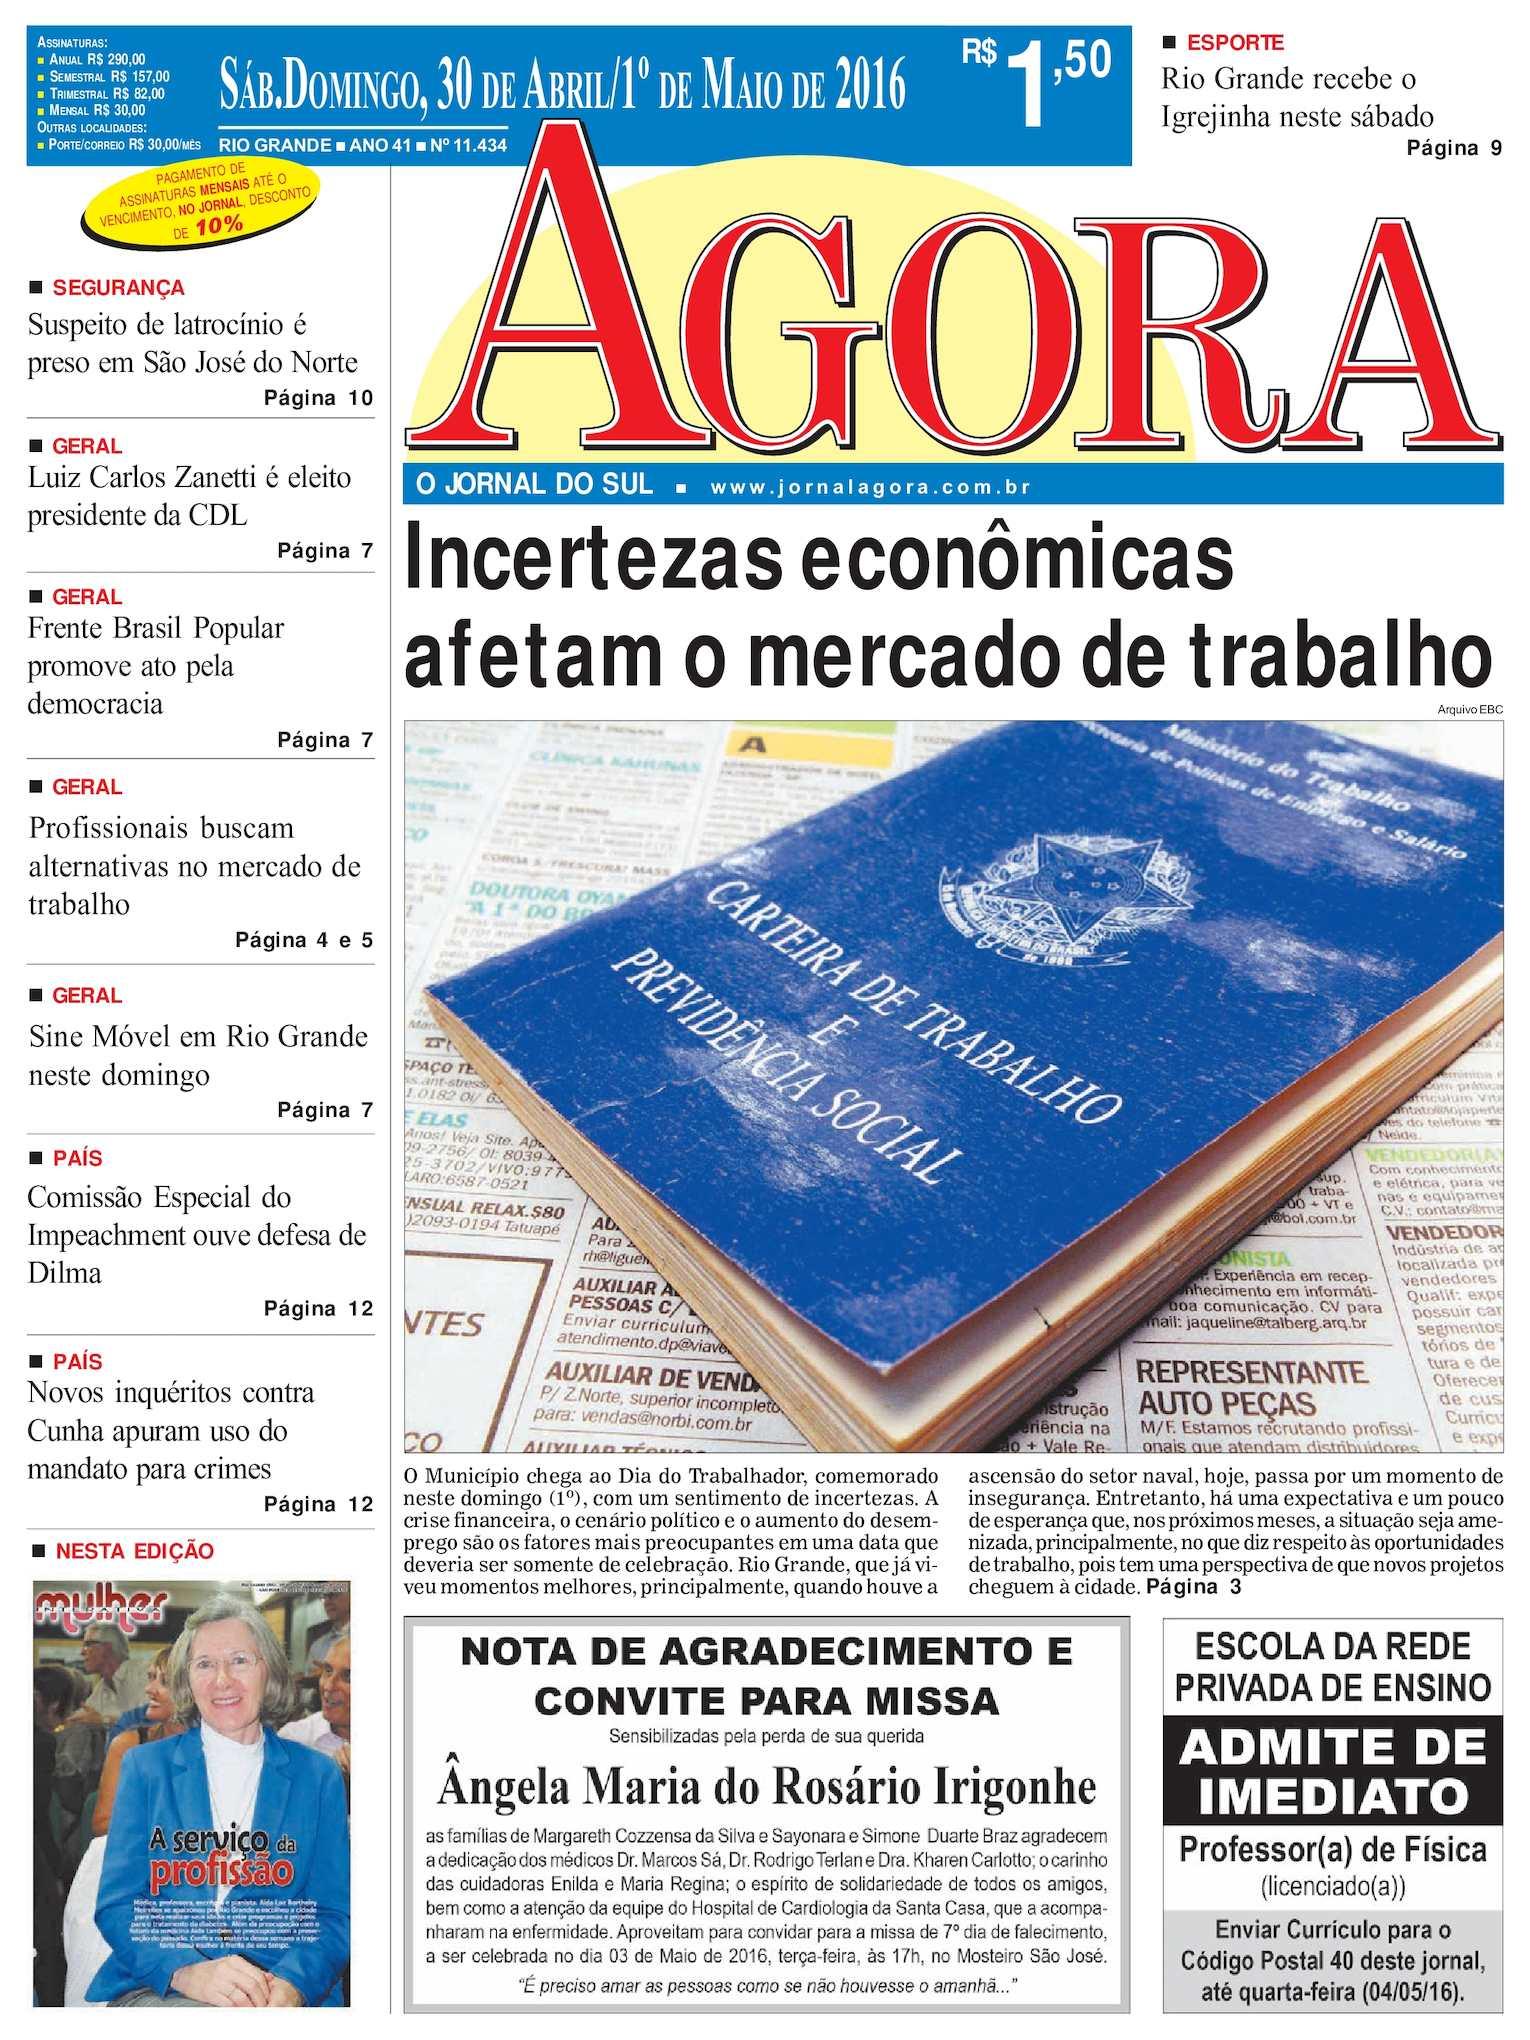 Calaméo - Jornal Agora - Edição 11434 - 30 de Abril e 1º de Maio de 2016 2c9336257da45